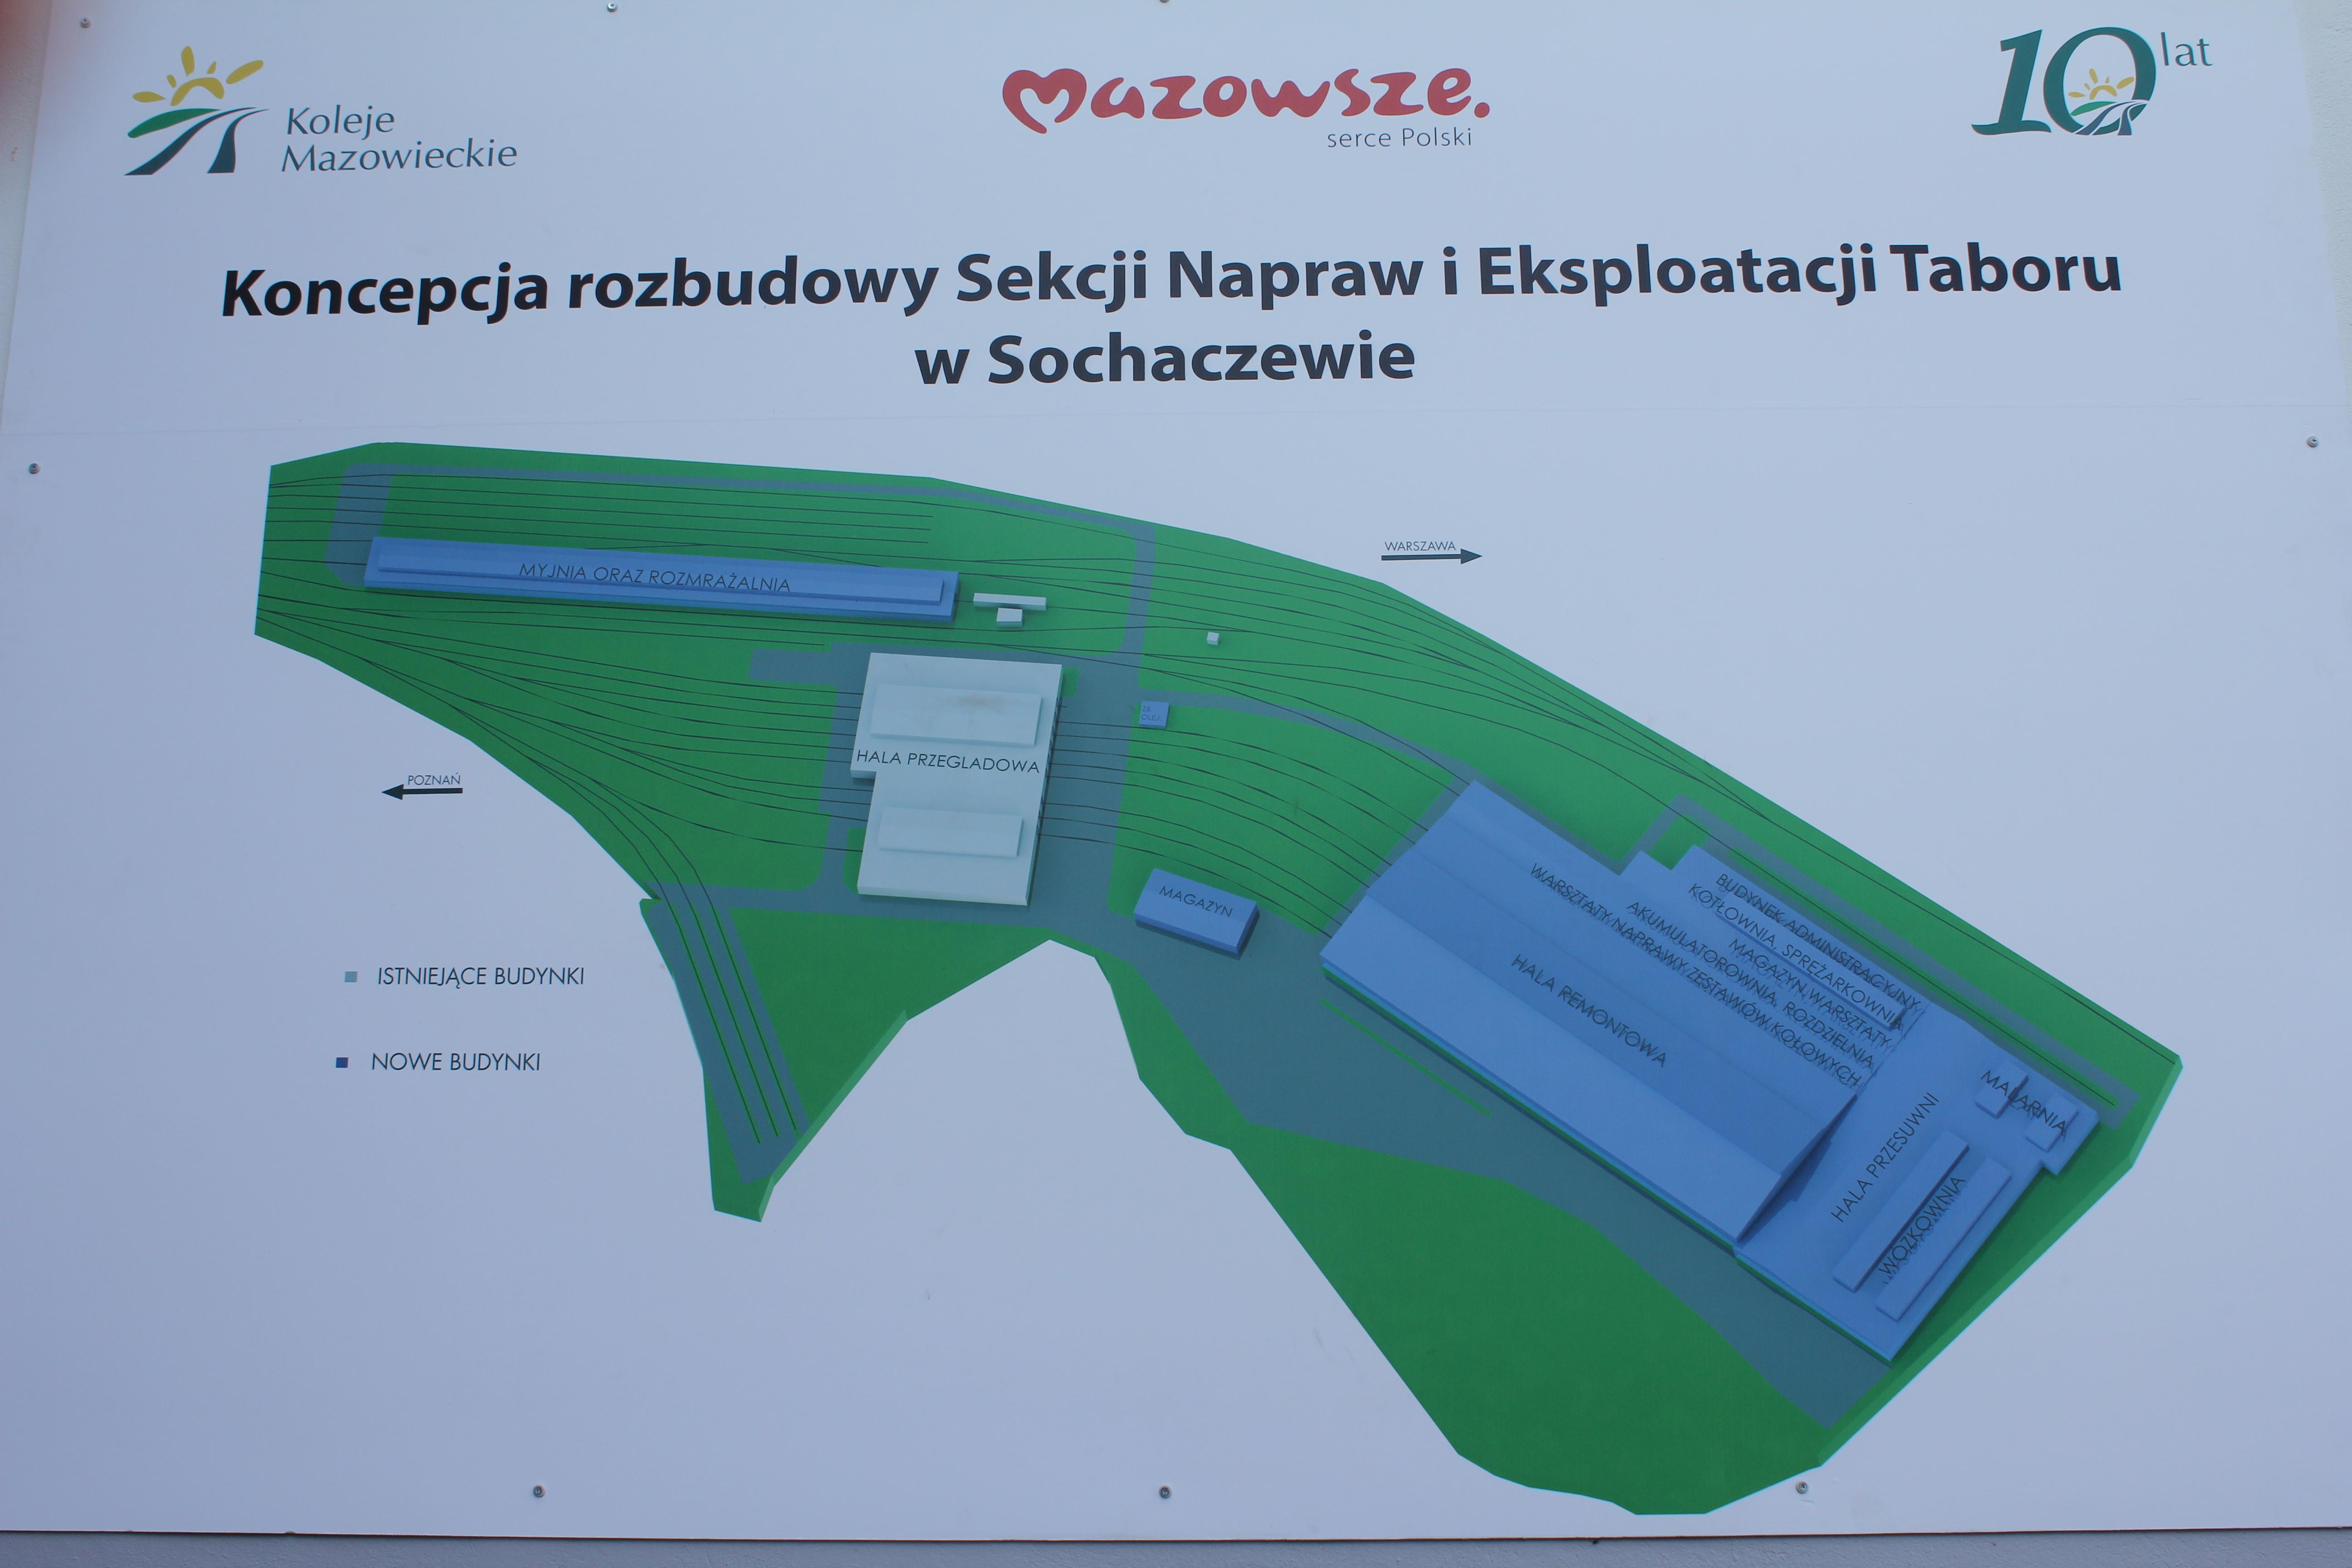 Rozbudowa bazy w Sochaczewie